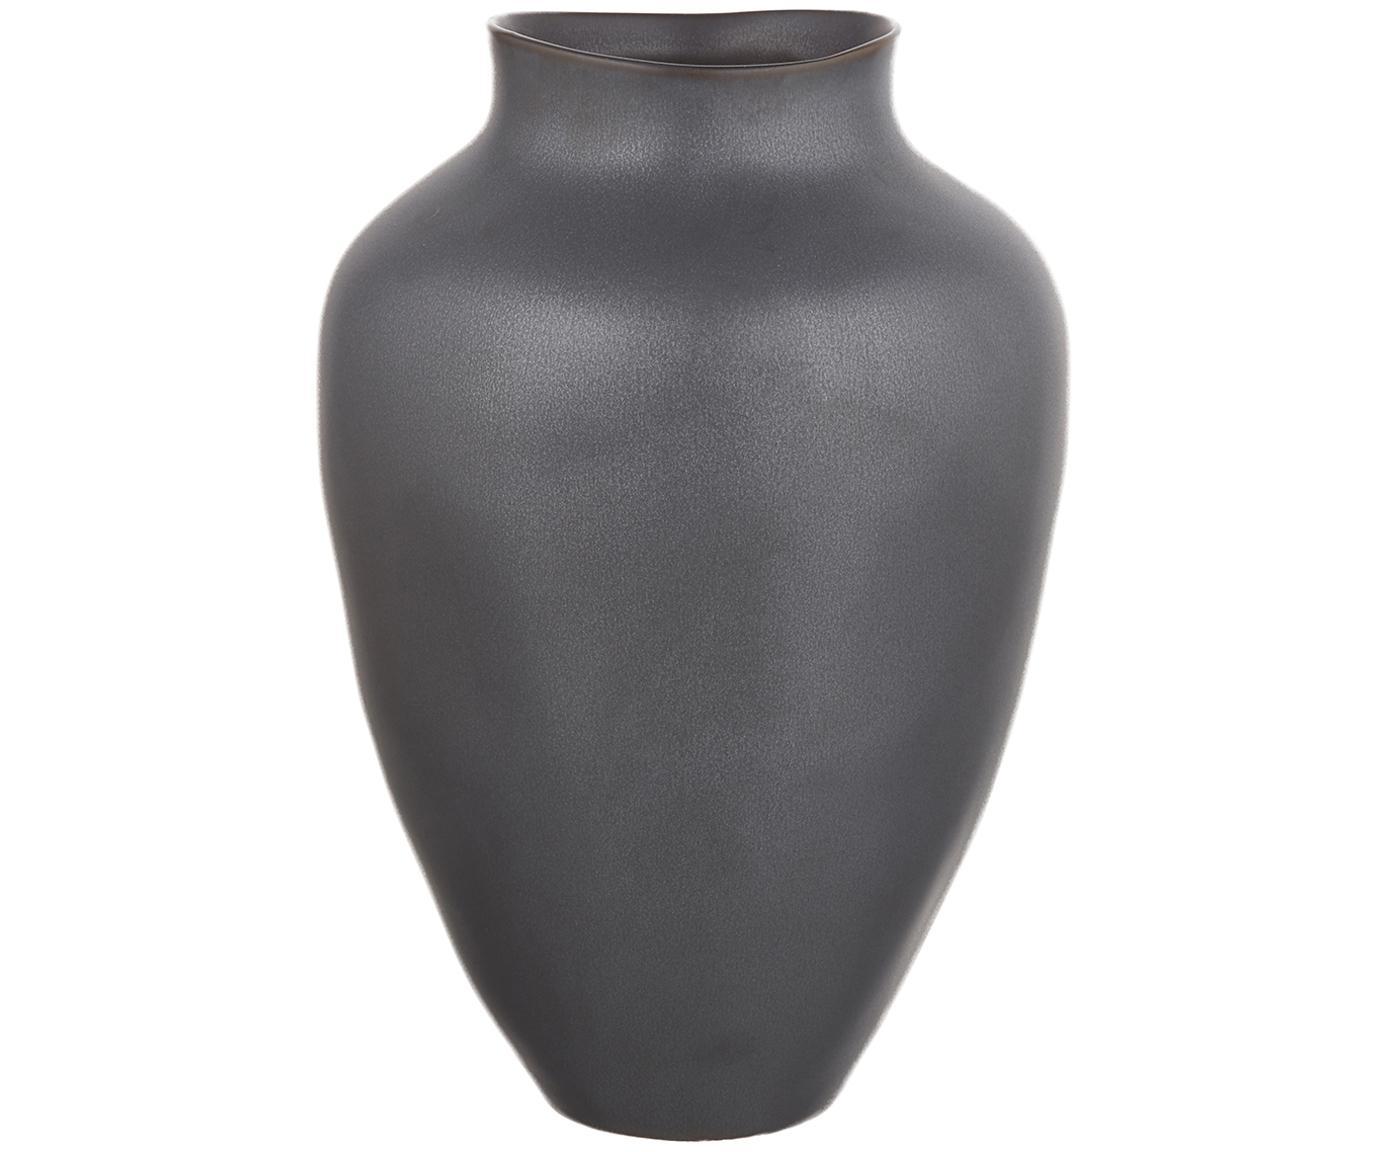 Vaso fatto a mano in ceramica Latona, Ceramica, Nero opaco, Ø 21 x Alt. 30 cm